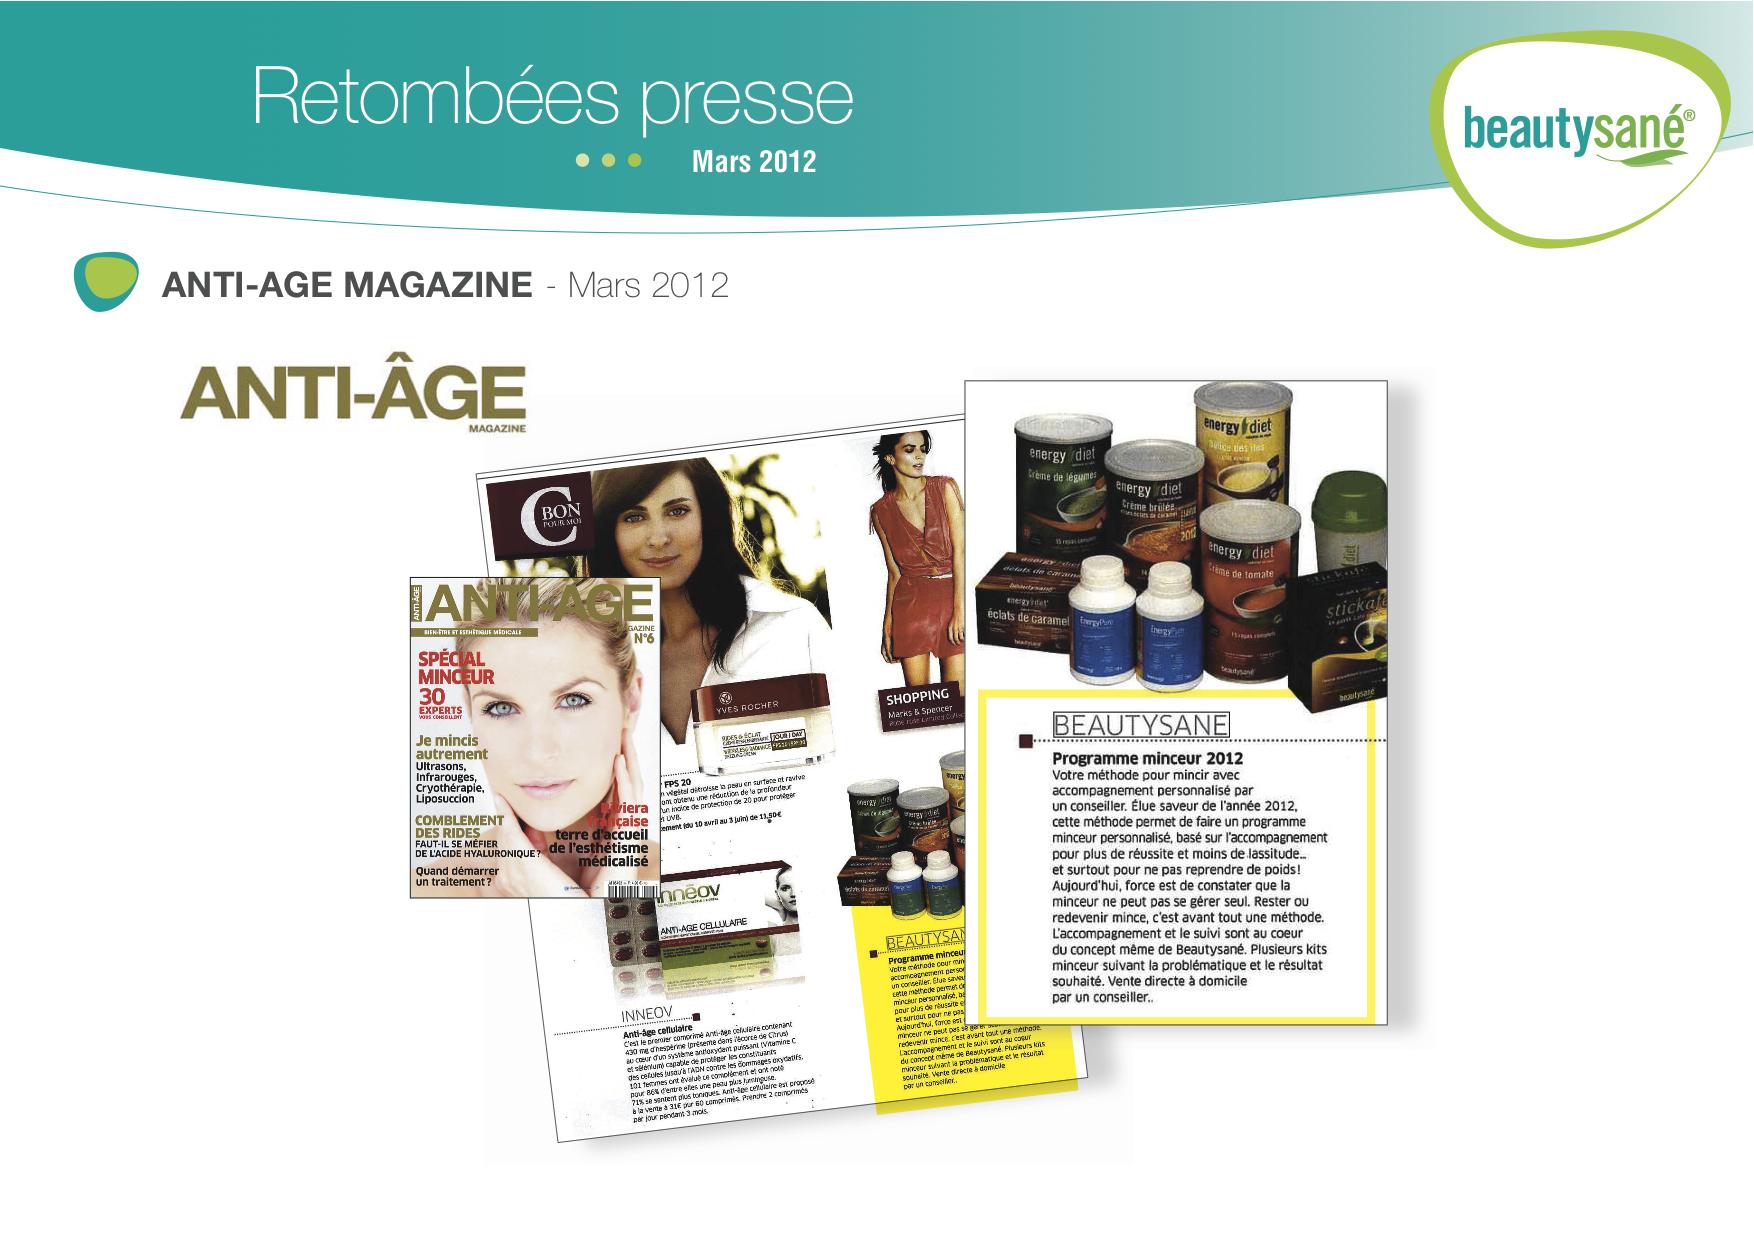 rp_bs-mar2012-anti-age-mag